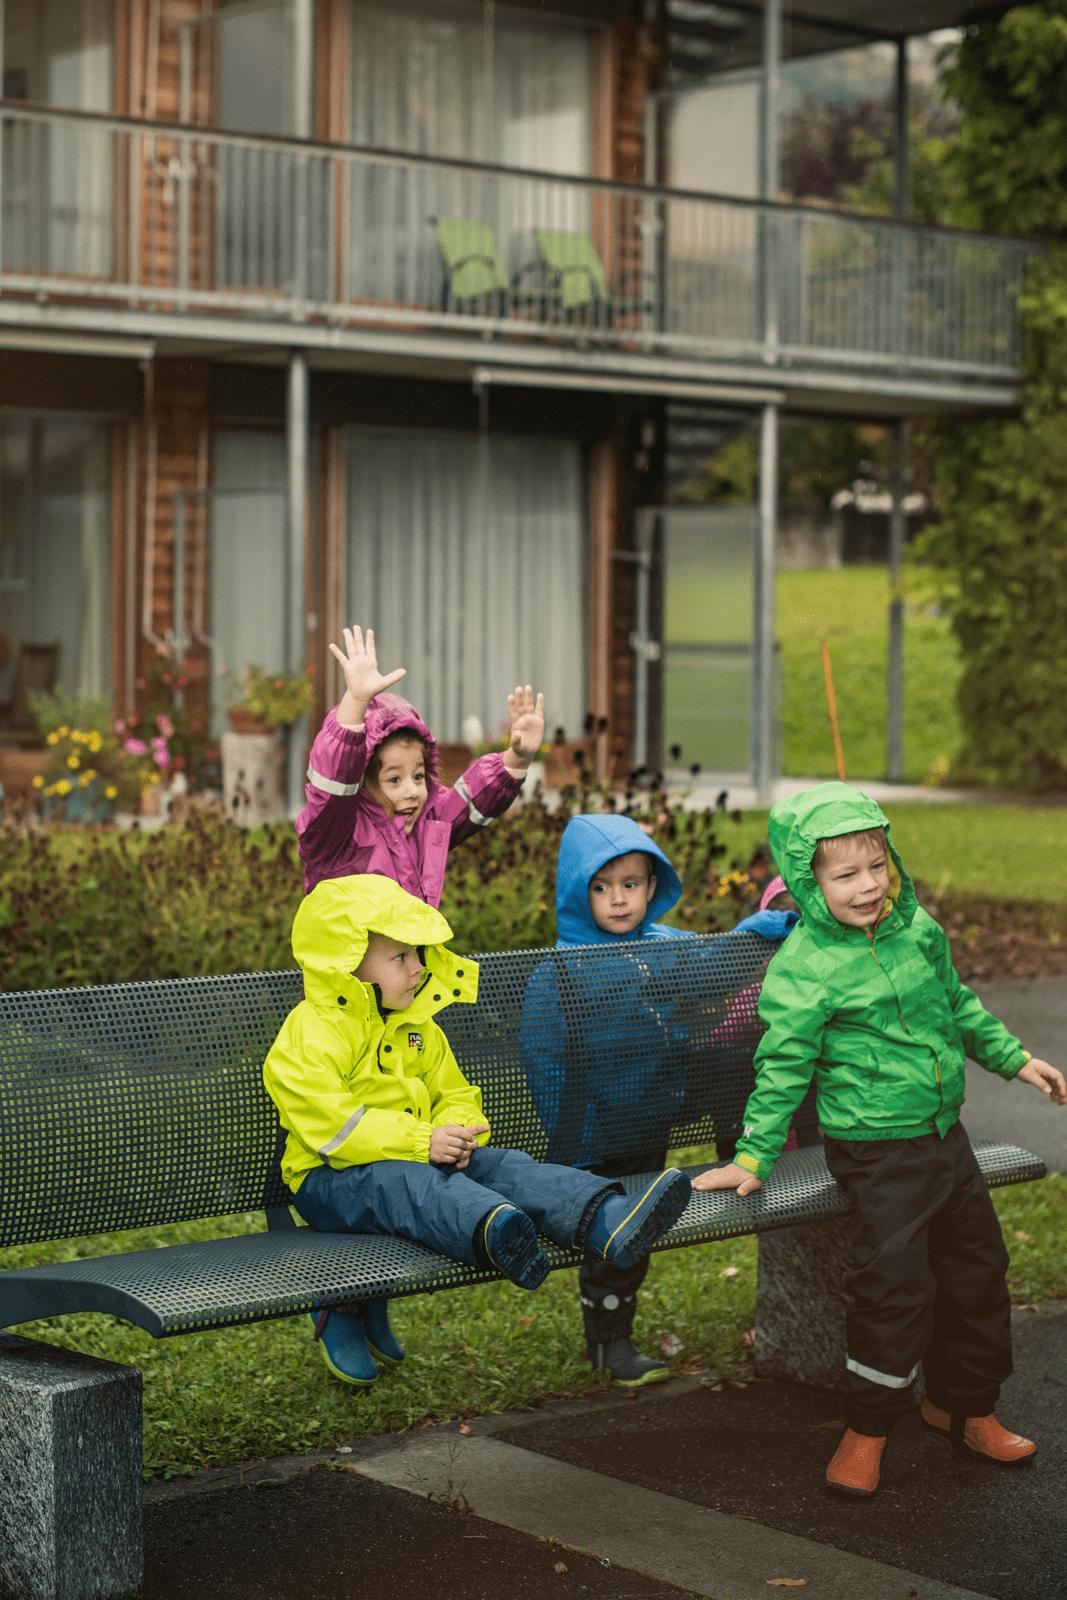 Kita-Kinder haben trotz Regenwetter draussen gute Laune beim Spielen.